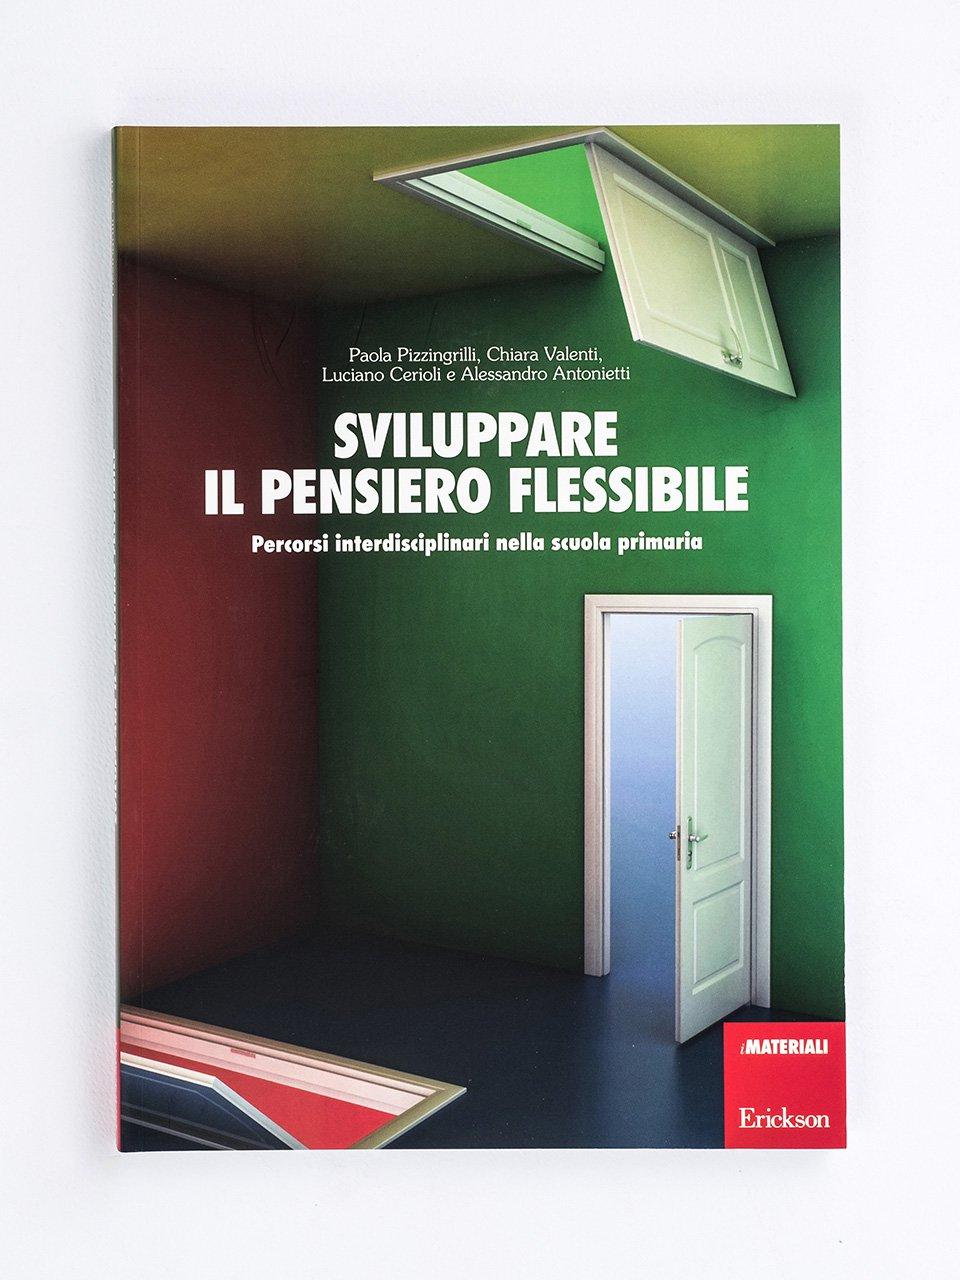 Sviluppare il pensiero flessibile - Educare all'espressione artistica - Libri - Erickson